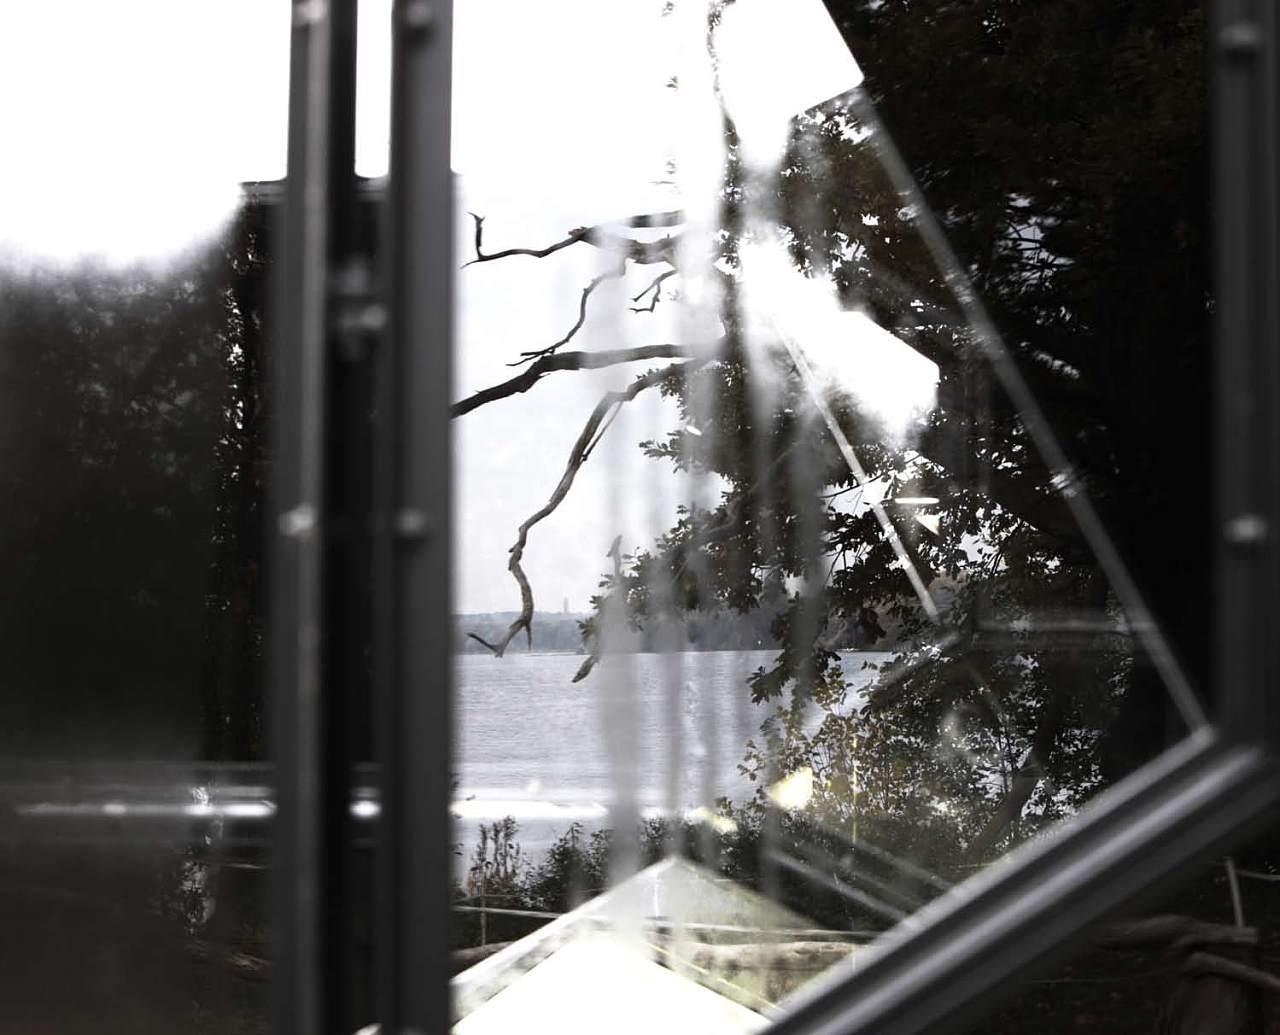 利维尔表情_奥拉维尔•埃利亚松Olafur Eliasson 中英画册《相看两不厌》|平面 ...